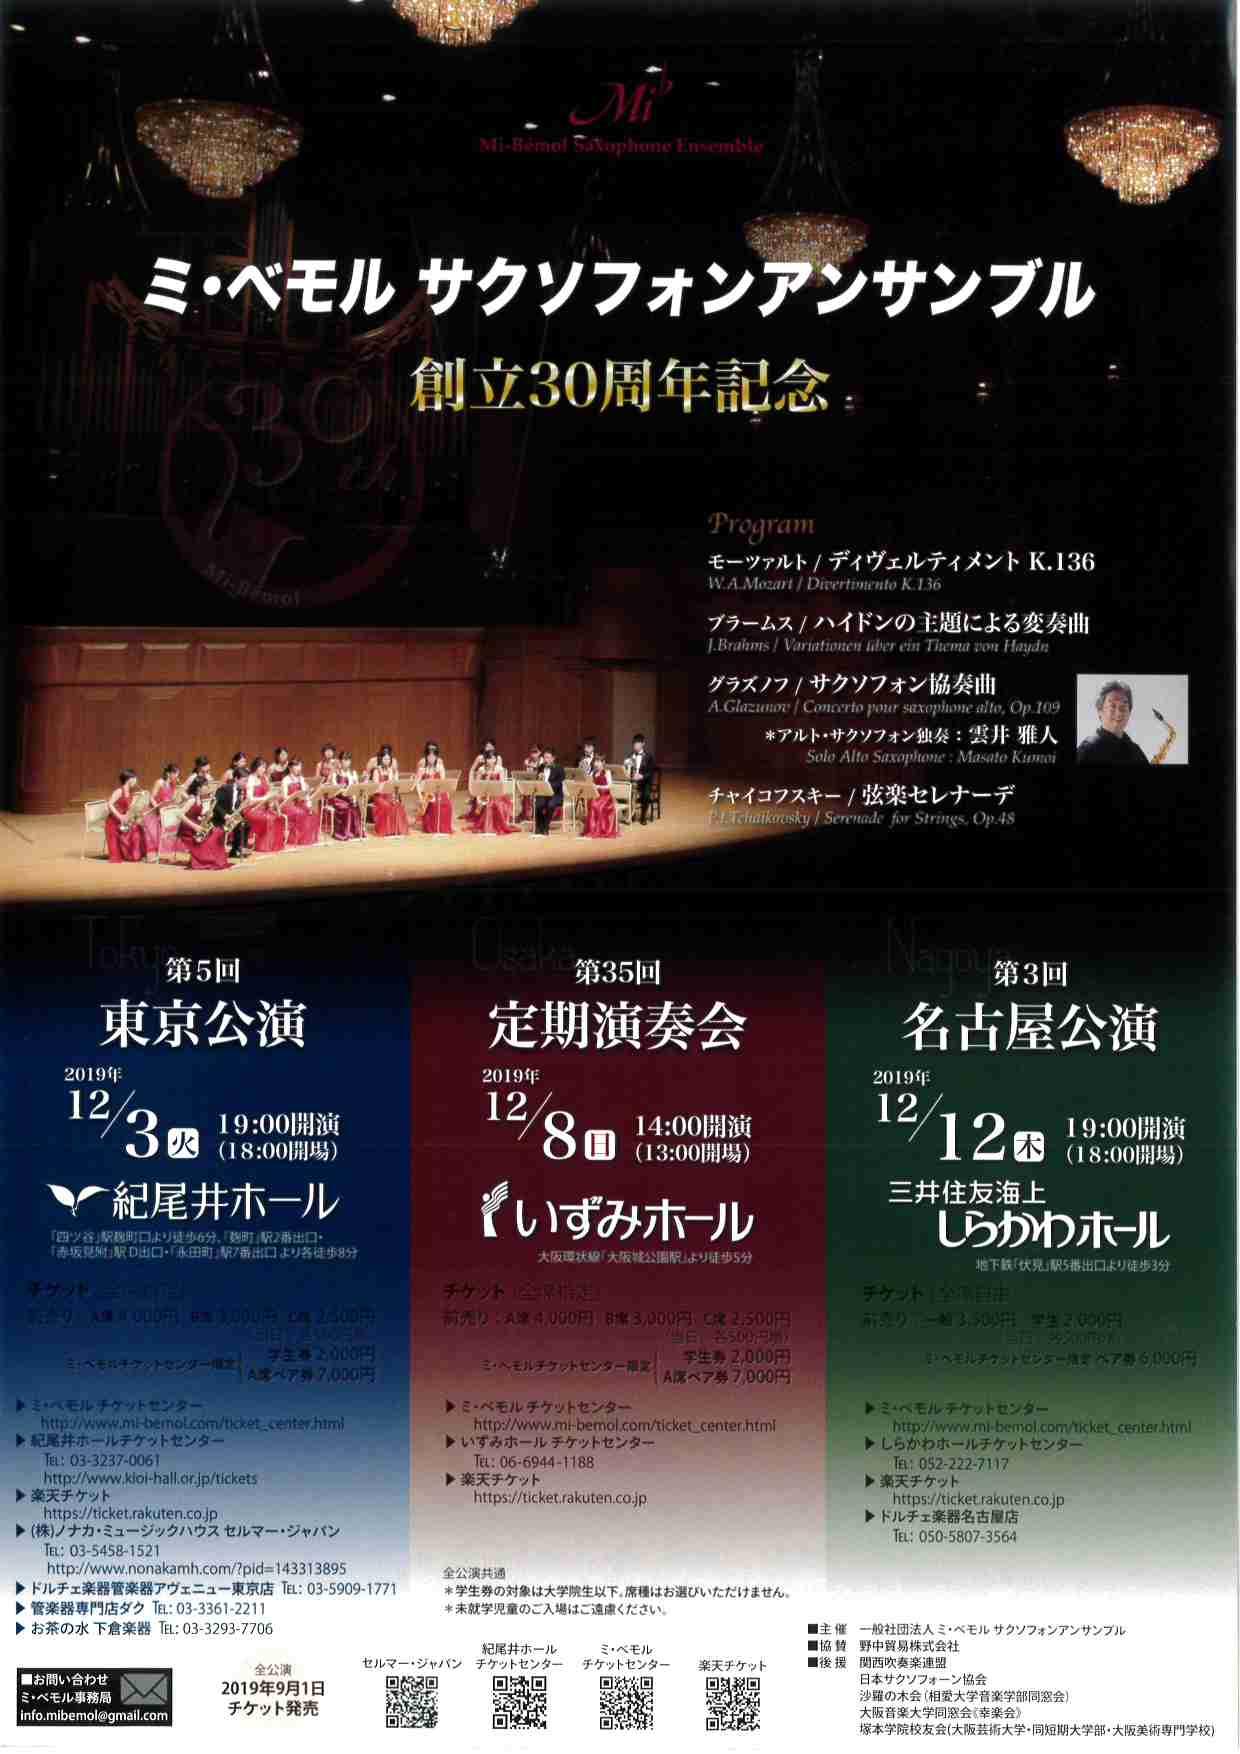 ミ・ベモル サクソフォンアンサンブル 創立30周年記念 第5回東京公演